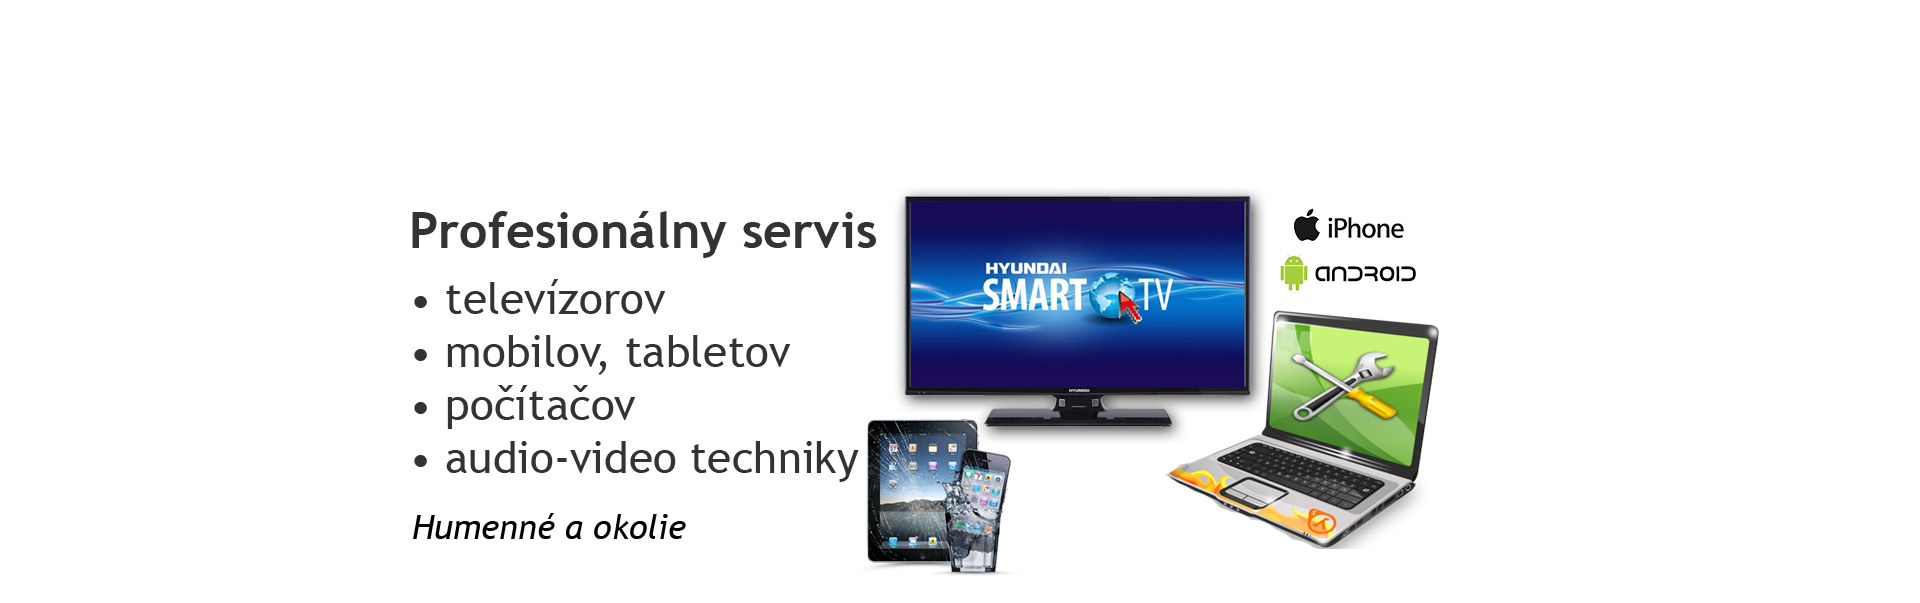 ac364cdc8 Profesionálny servis elektroniky Humenné a okolie